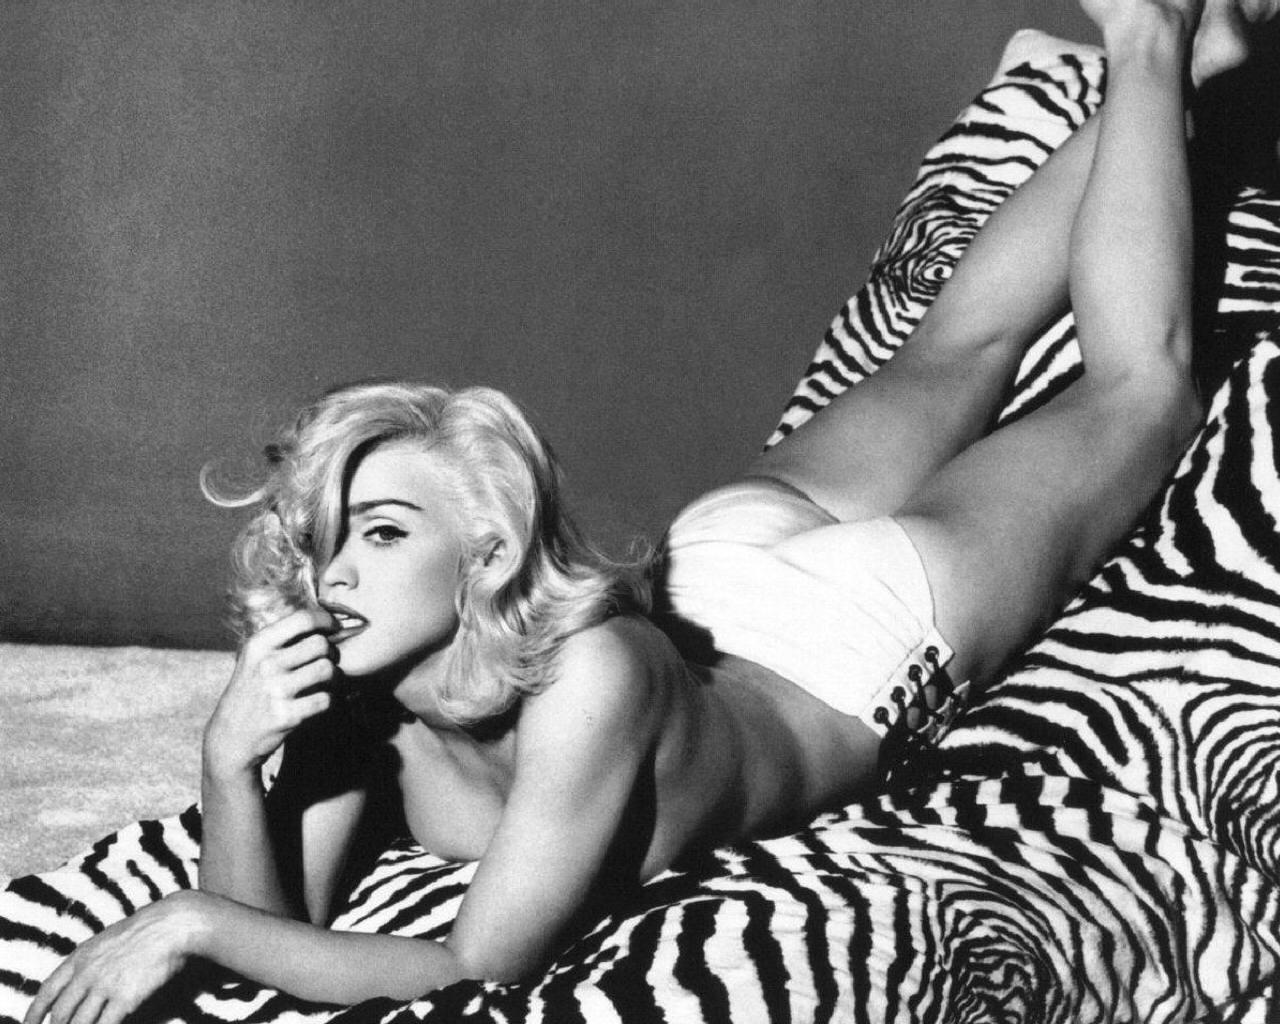 madonna sexy screensaver Search Terms: Teenage Sodomy XXX, lusty busty lesbians, manuel ferrara faye ...